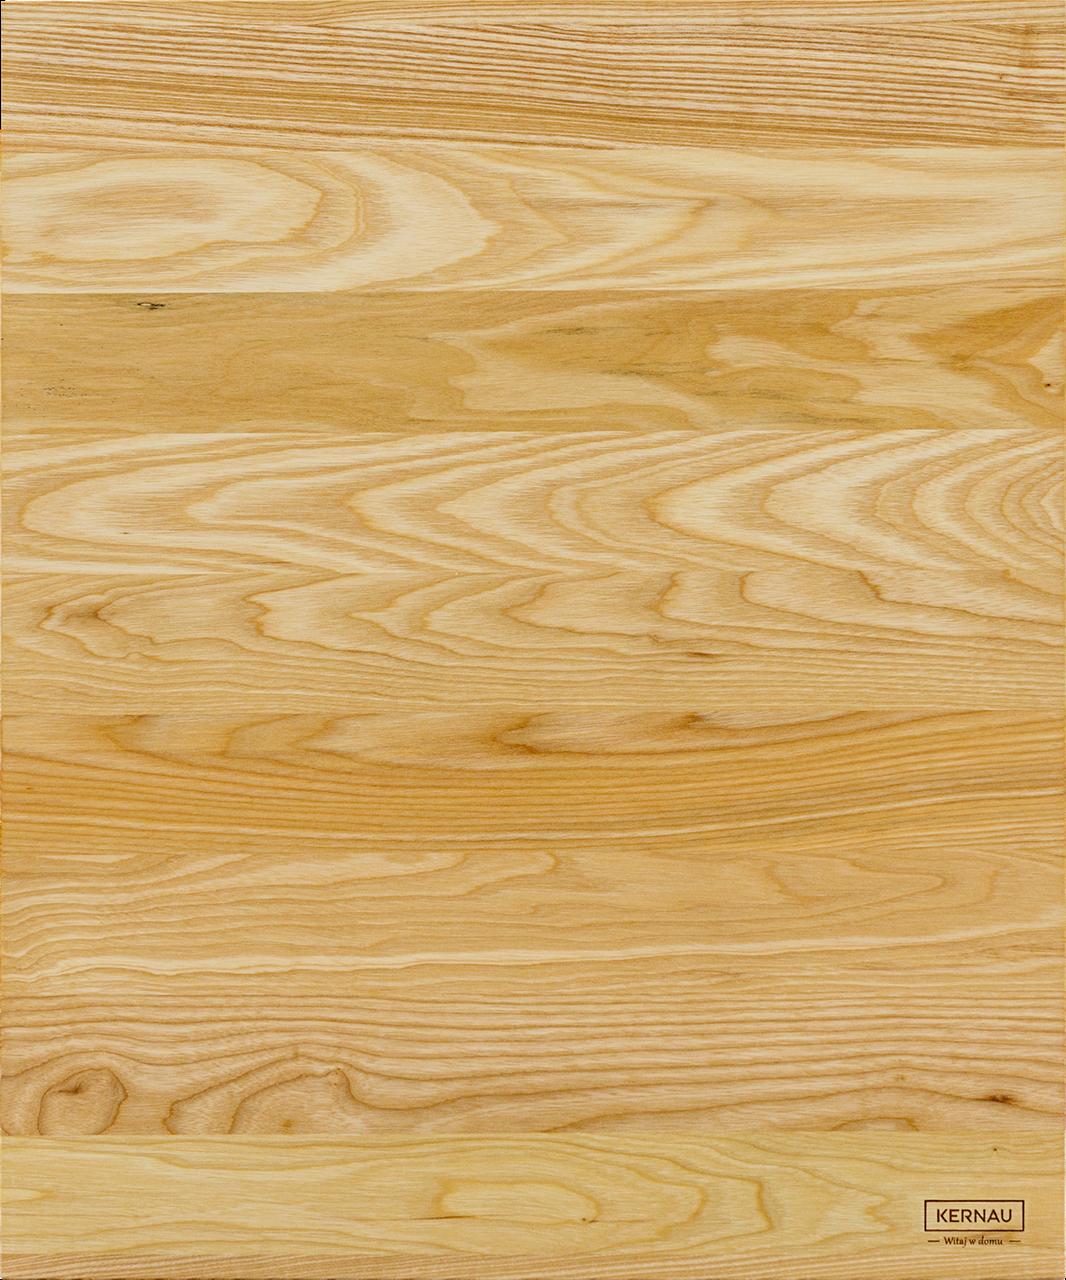 Доска разделочная деревянная Kernau KDJ 001